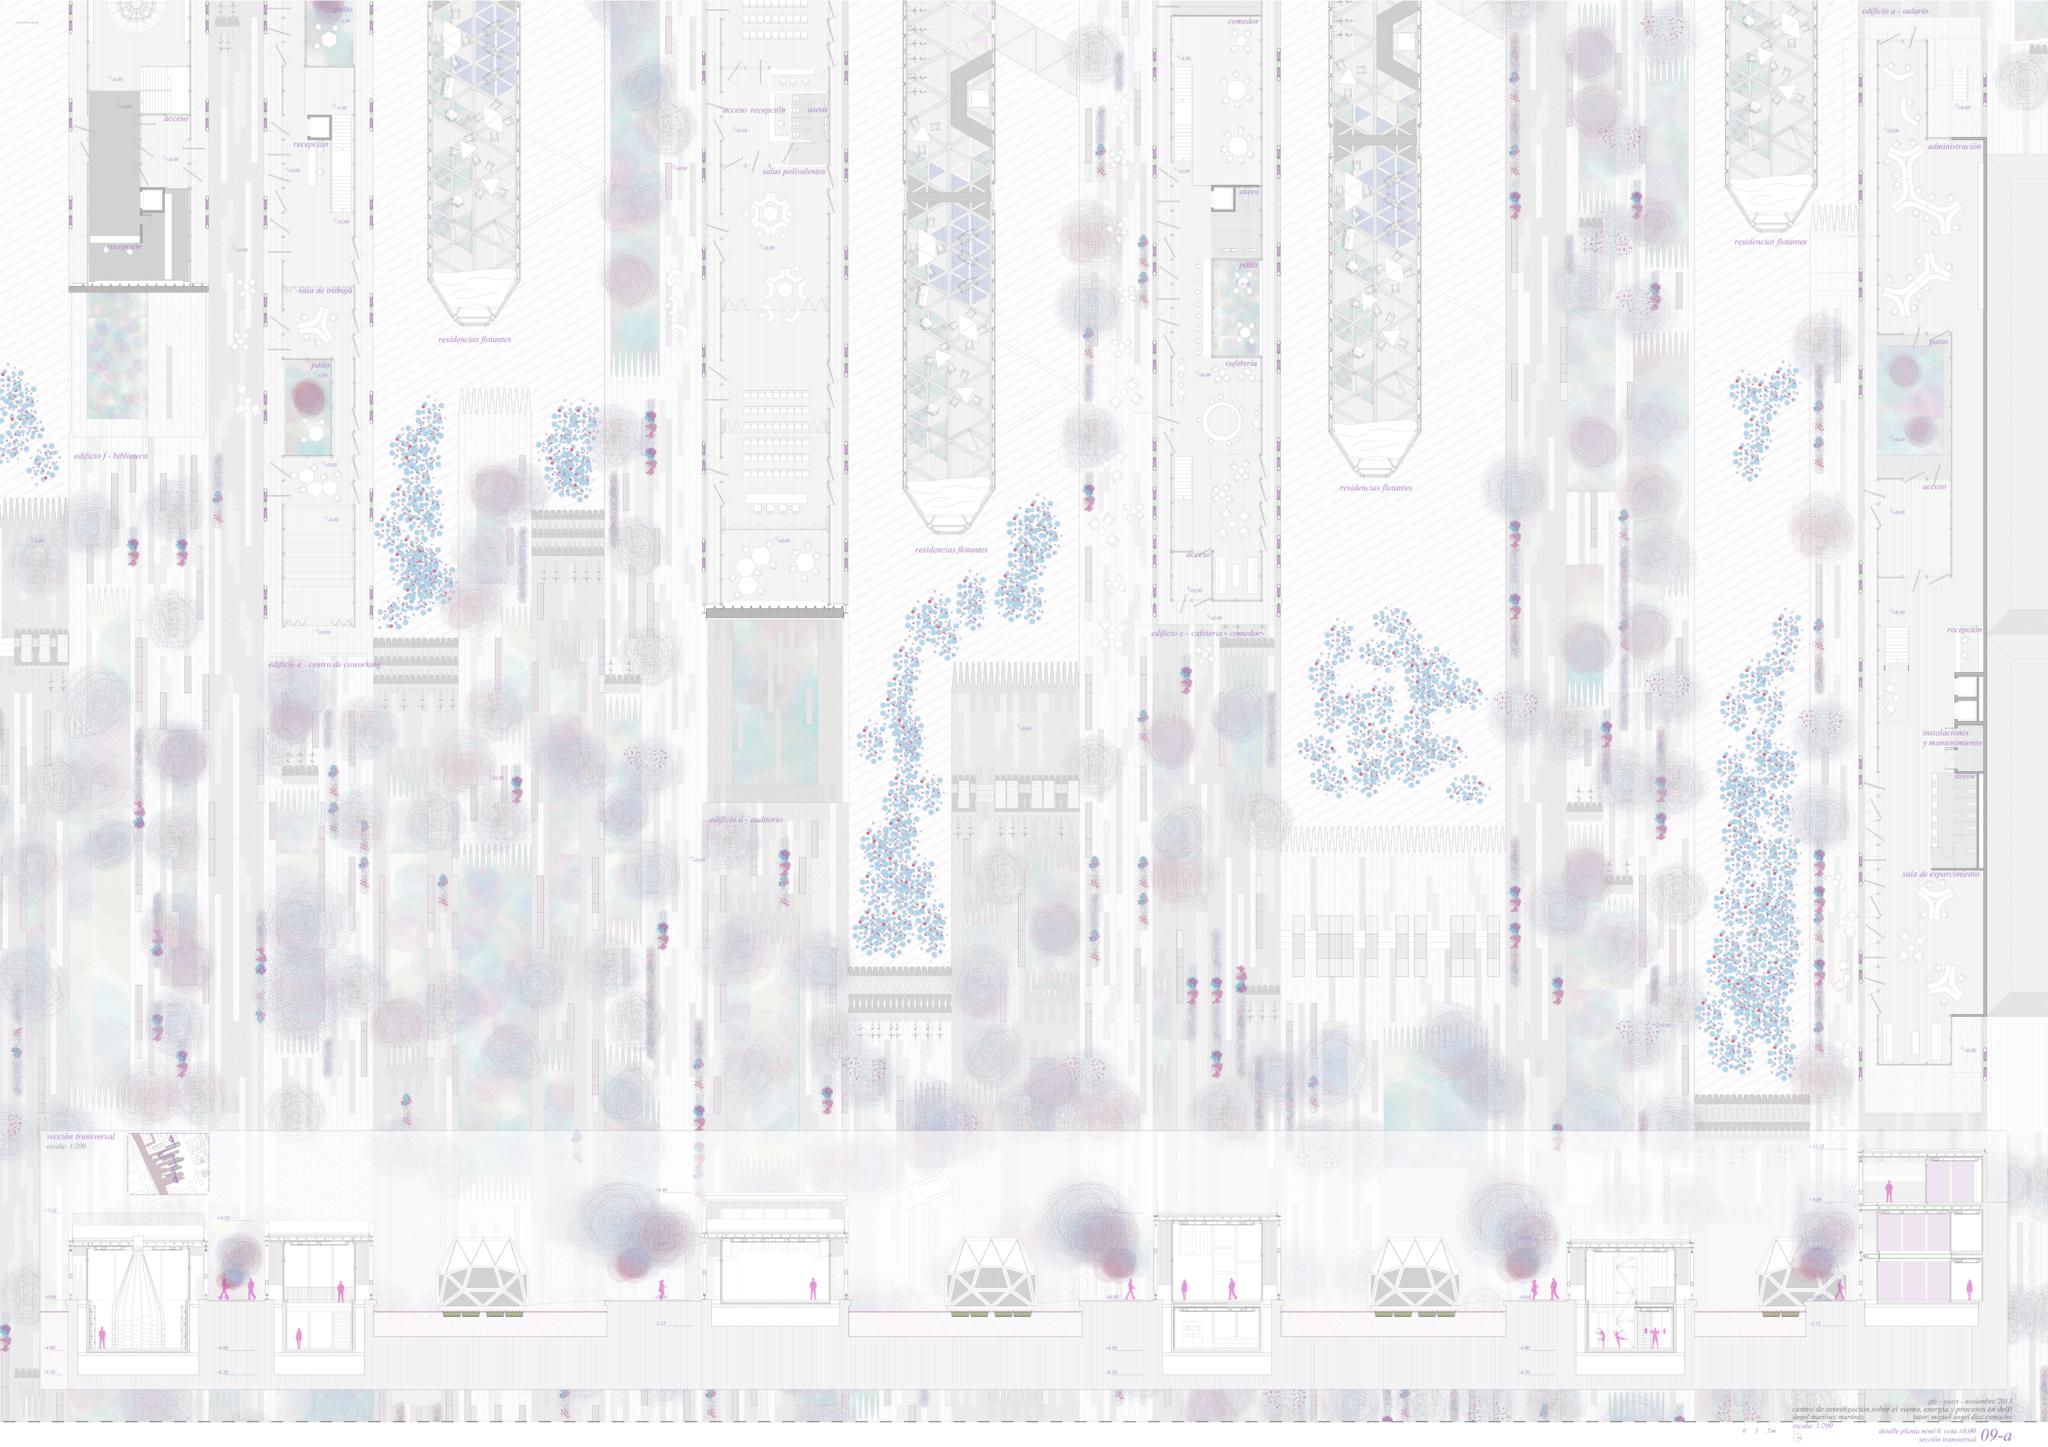 09-a_Sin Margenes_Planta nivel 0 y seccion transversal_2048x1447